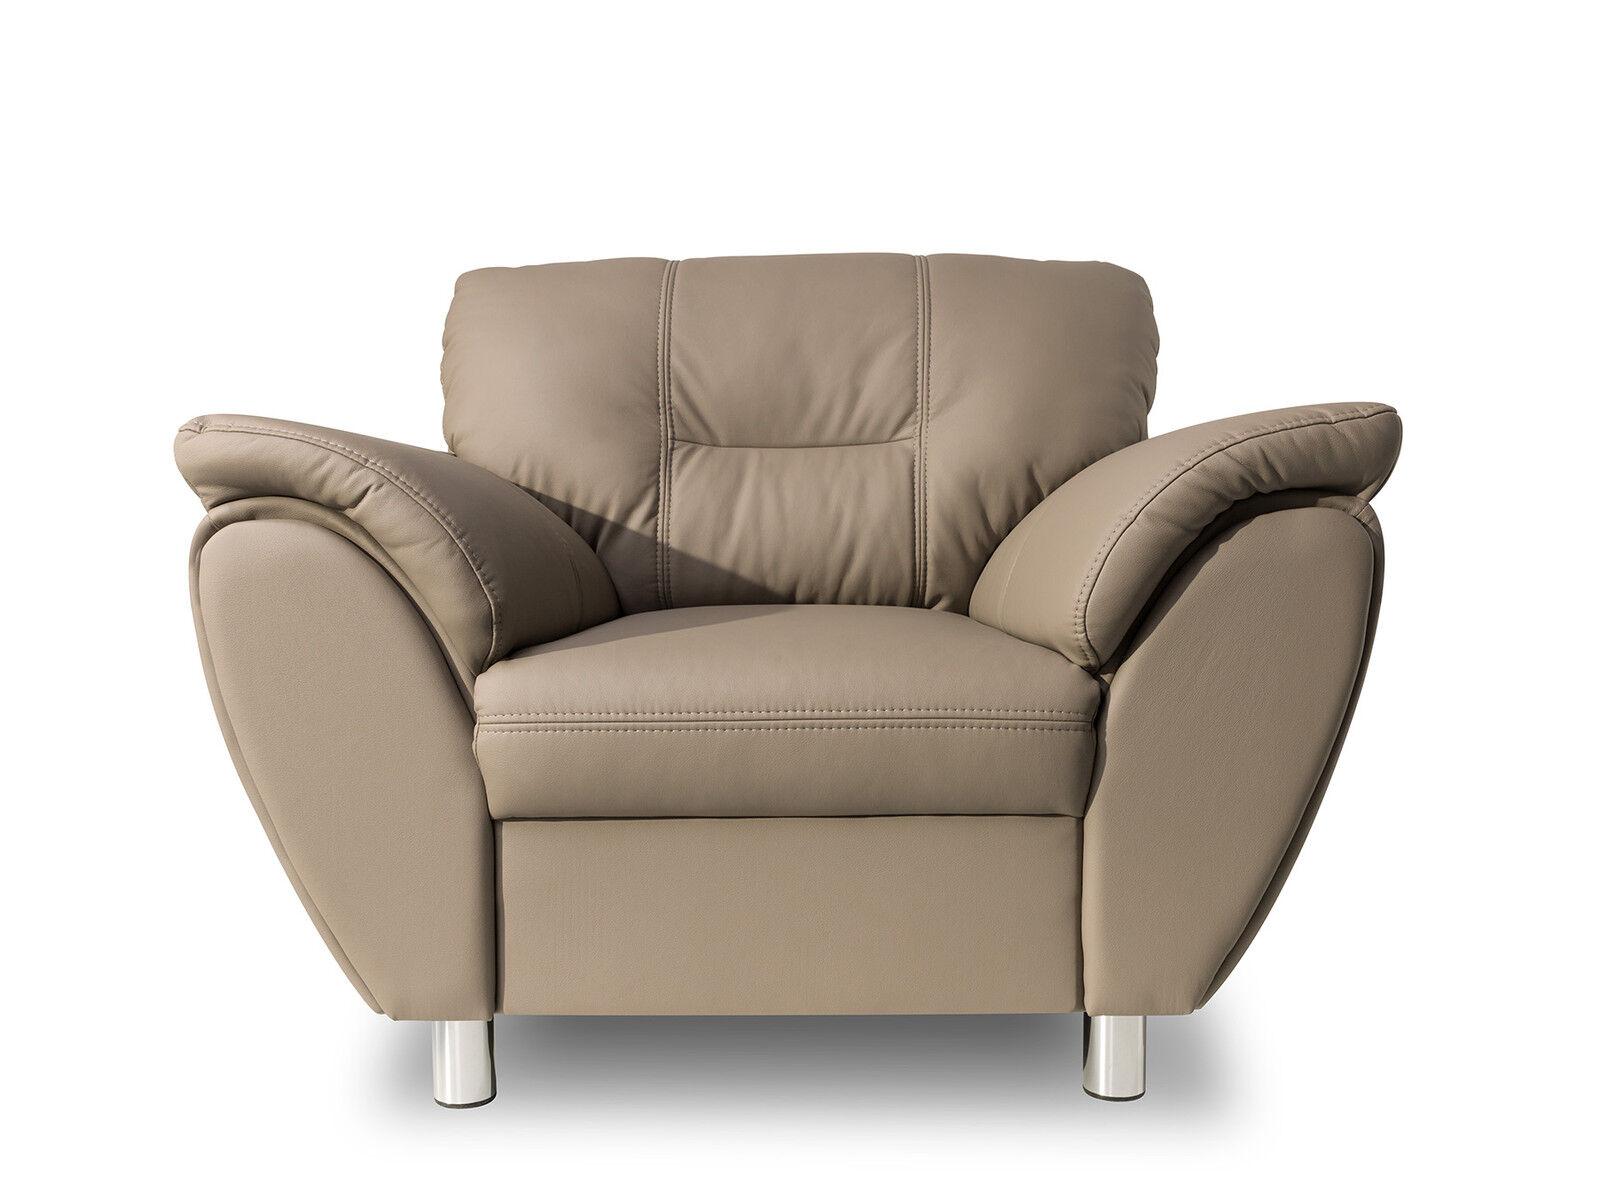 Innenarchitektur Wohnlandschaft Galerie Von Sofa Couchgarnitur Couch Amigo 1 Er Sessel